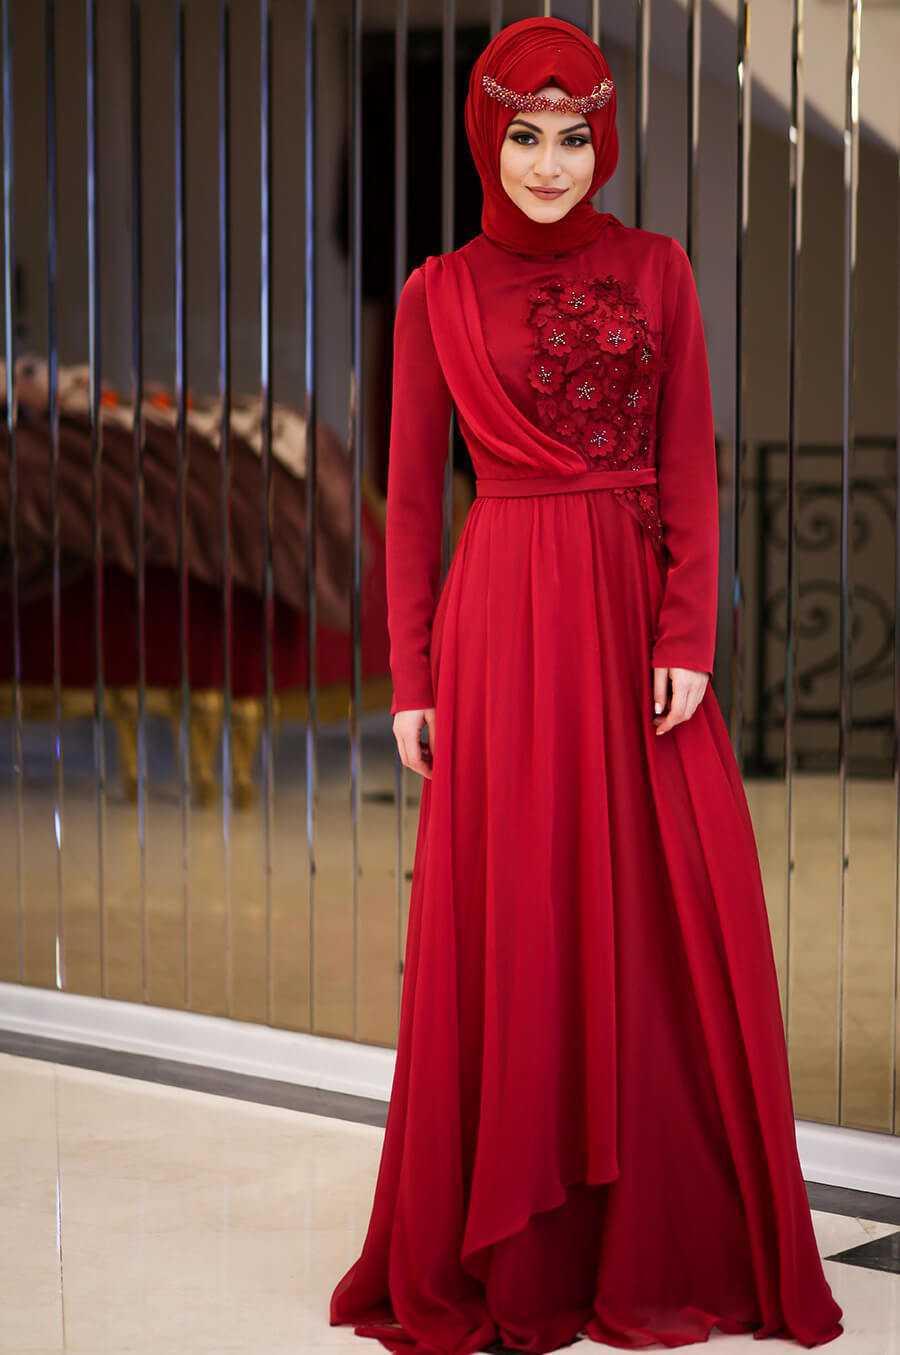 Minel Aşk Üç Boyutlu Kırmızı Tesettür Abiye Elbise Modelleri